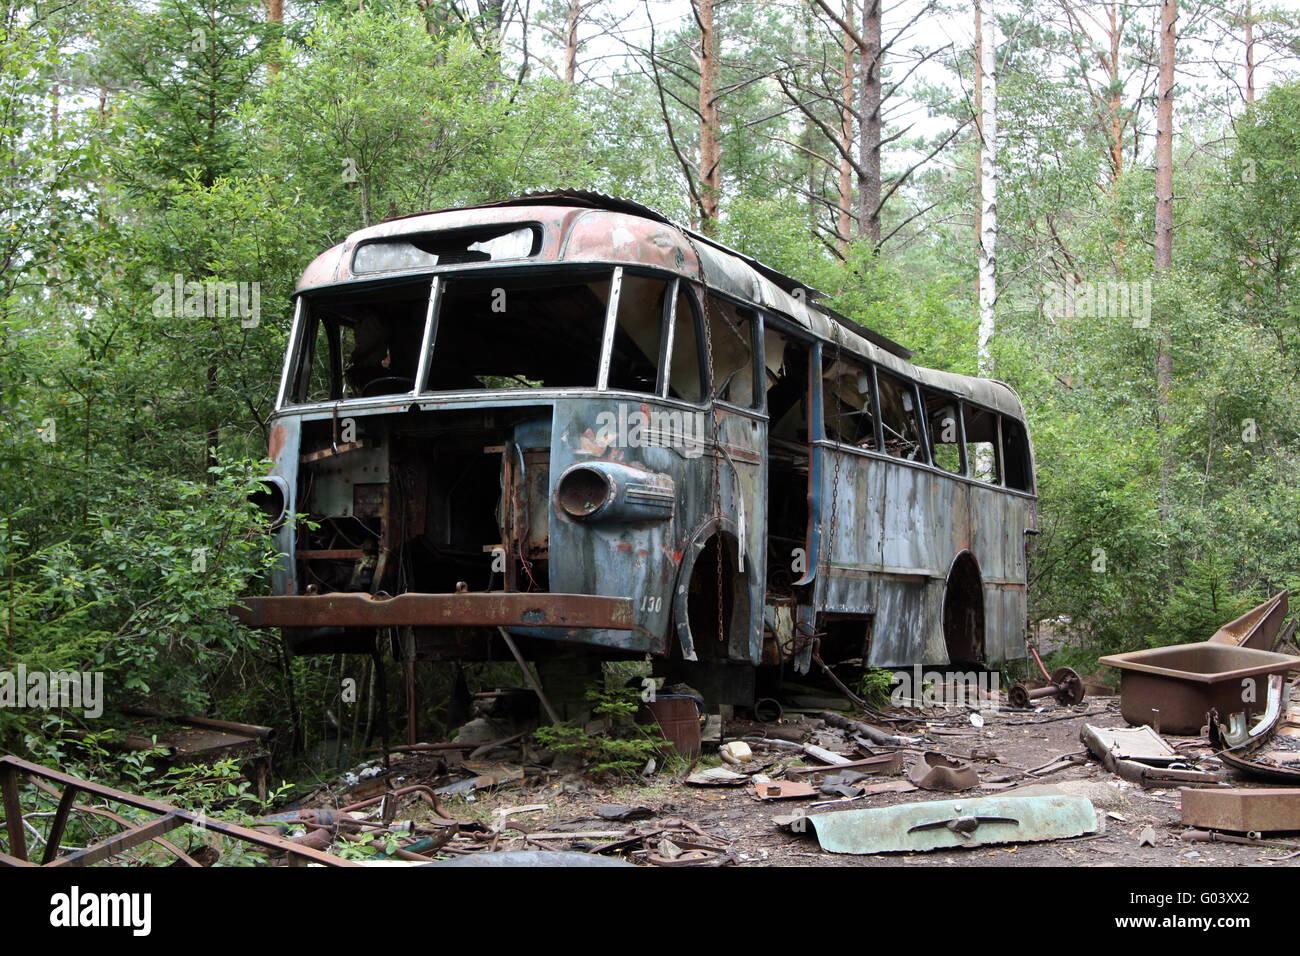 bus wreck - scap motorcar vehicle - junkyard Stock Photo, Royalty ...